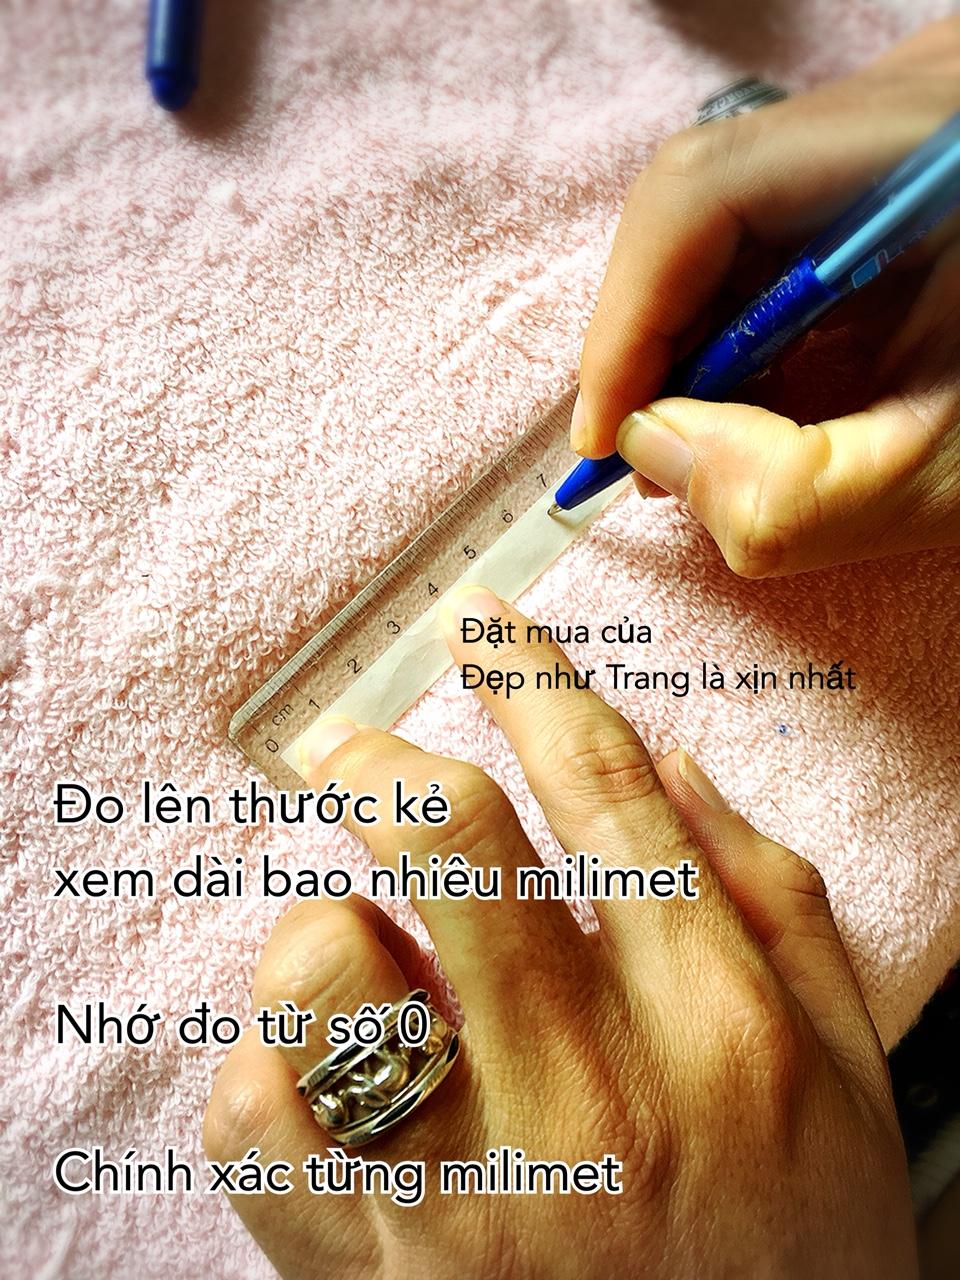 Cách đo size ngón tay đeo nhẫn - bước 2